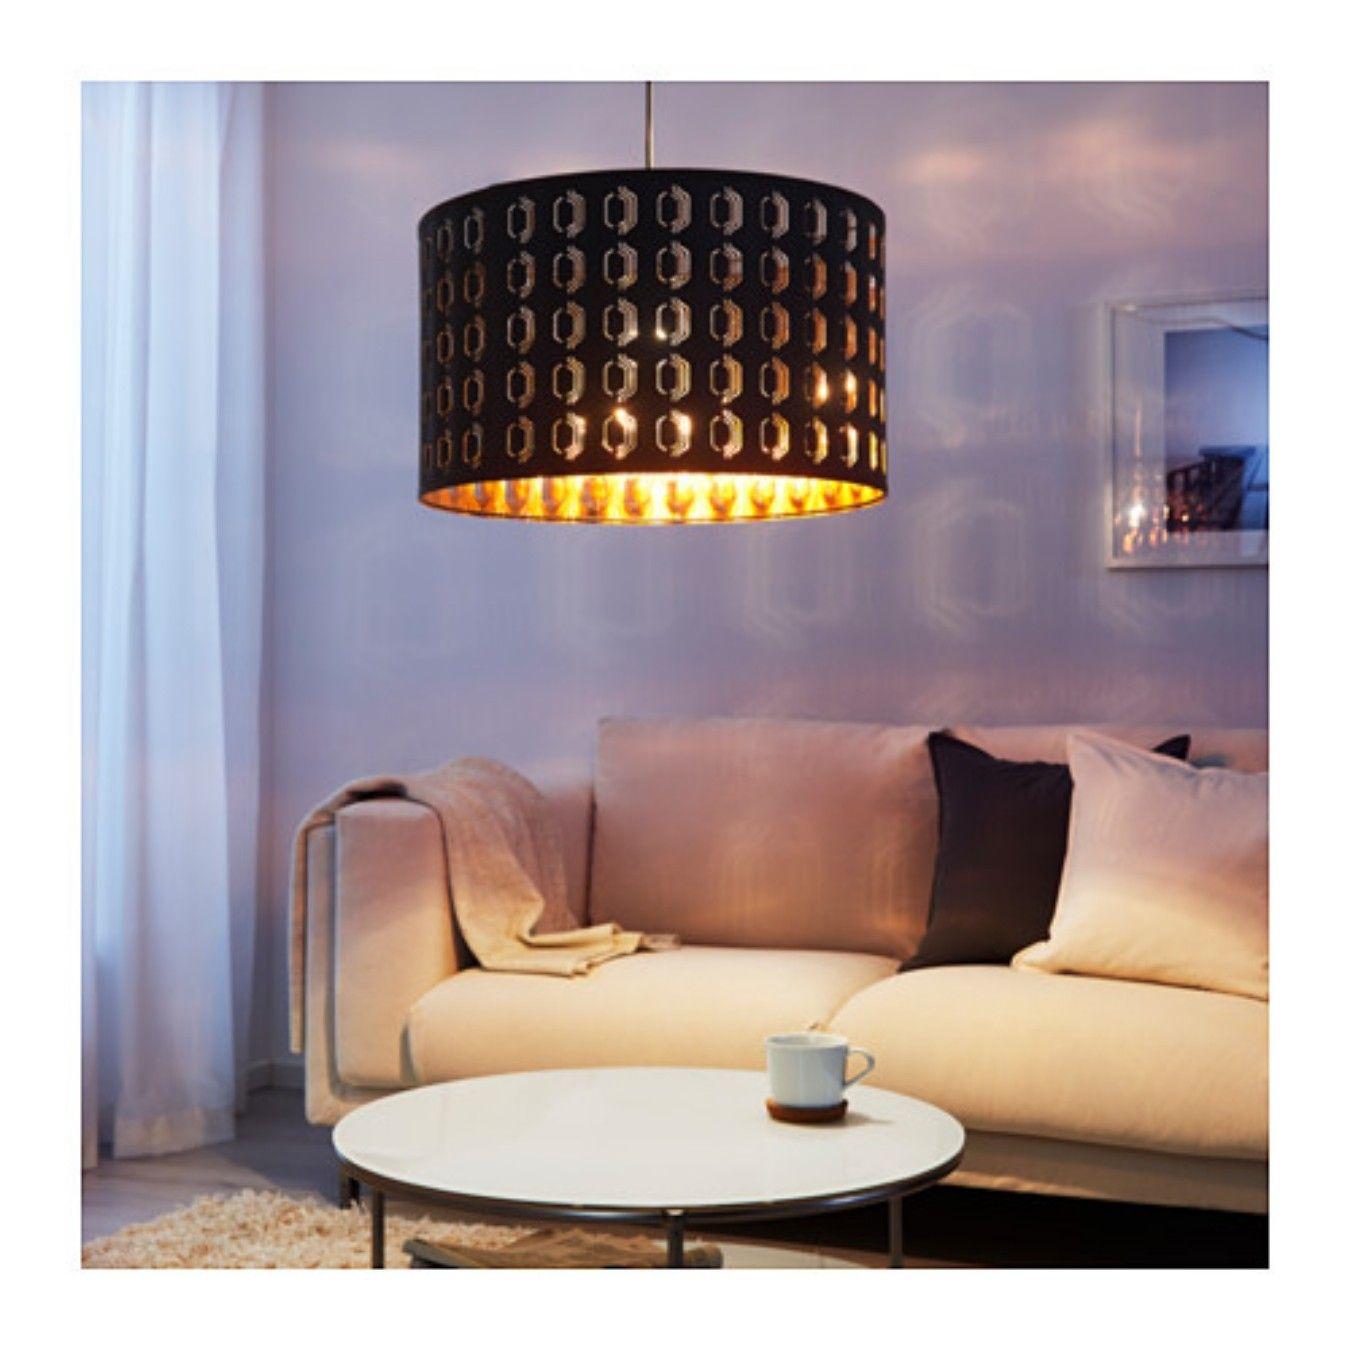 Full Size of Lampen Wohnzimmer Decke Ikea Lamp Nym Van Abajur Branco Deckenlampen Für Hängelampe Deckenleuchte Stehlampe Deckenleuchten Schlafzimmer Kamin Stehleuchte Wohnzimmer Lampen Wohnzimmer Decke Ikea